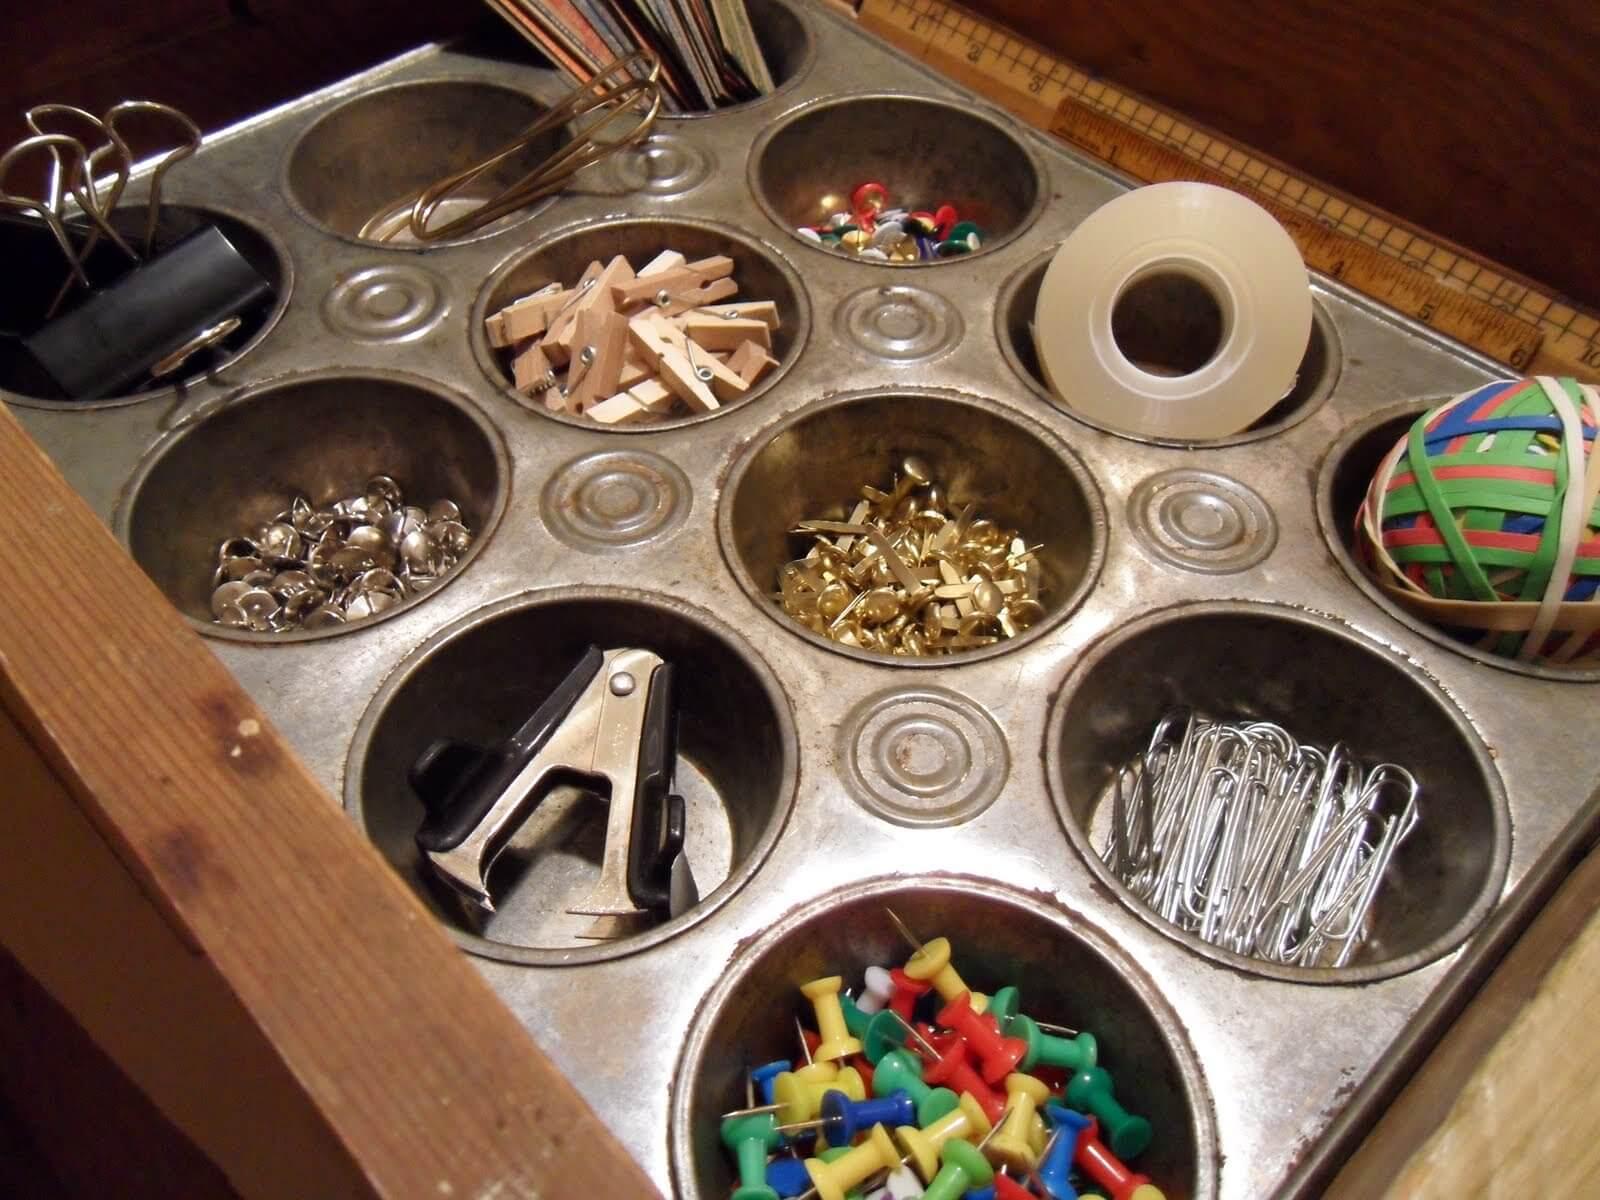 Organisateur d'artisanat en étain à muffins réutilisé